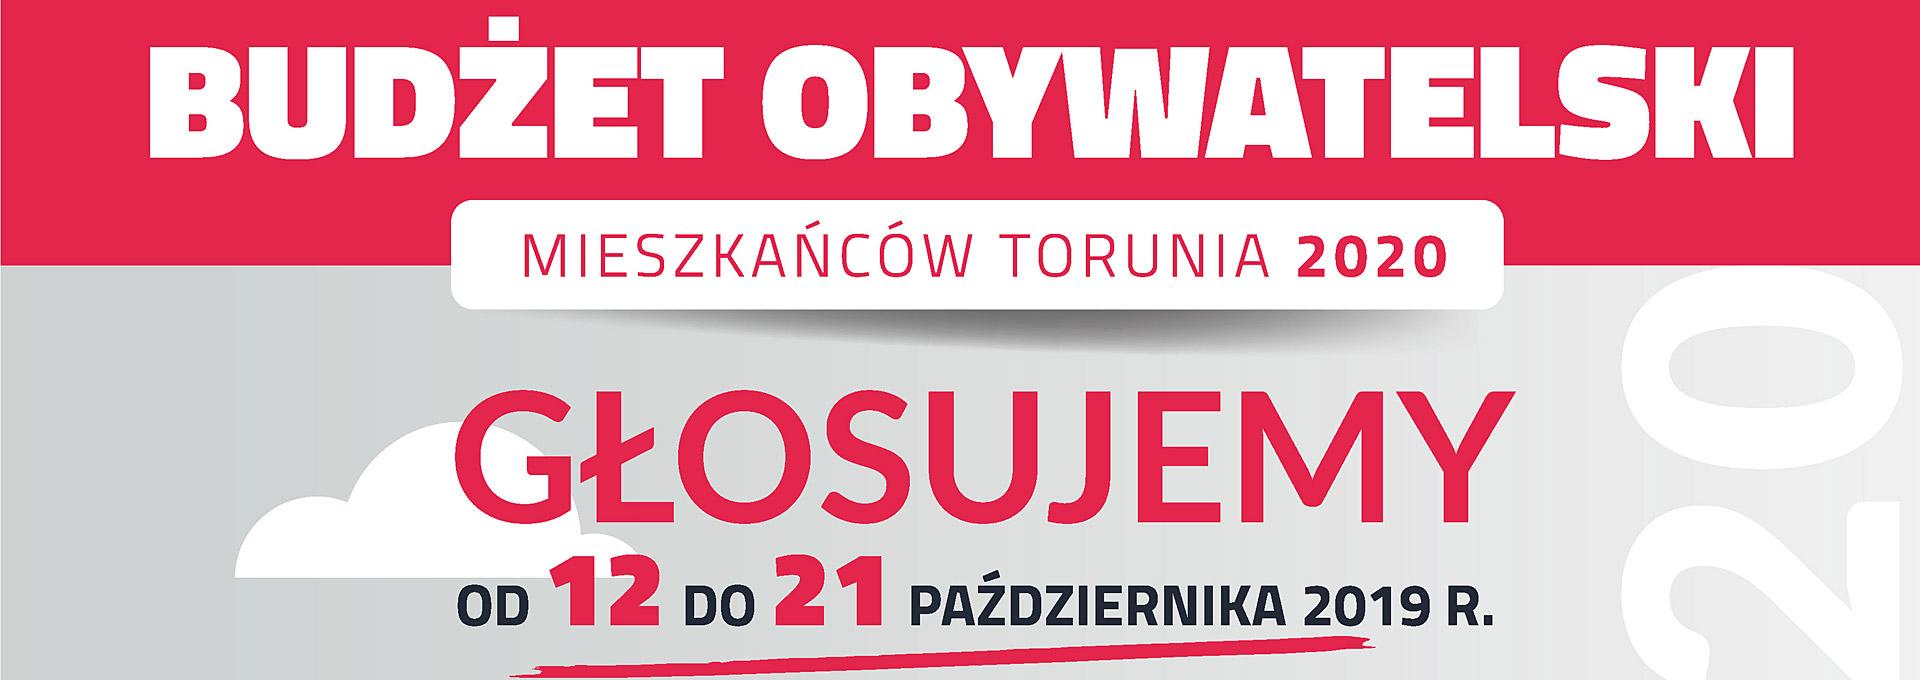 Budżet obywatelski Torunia 2020, głosowanie